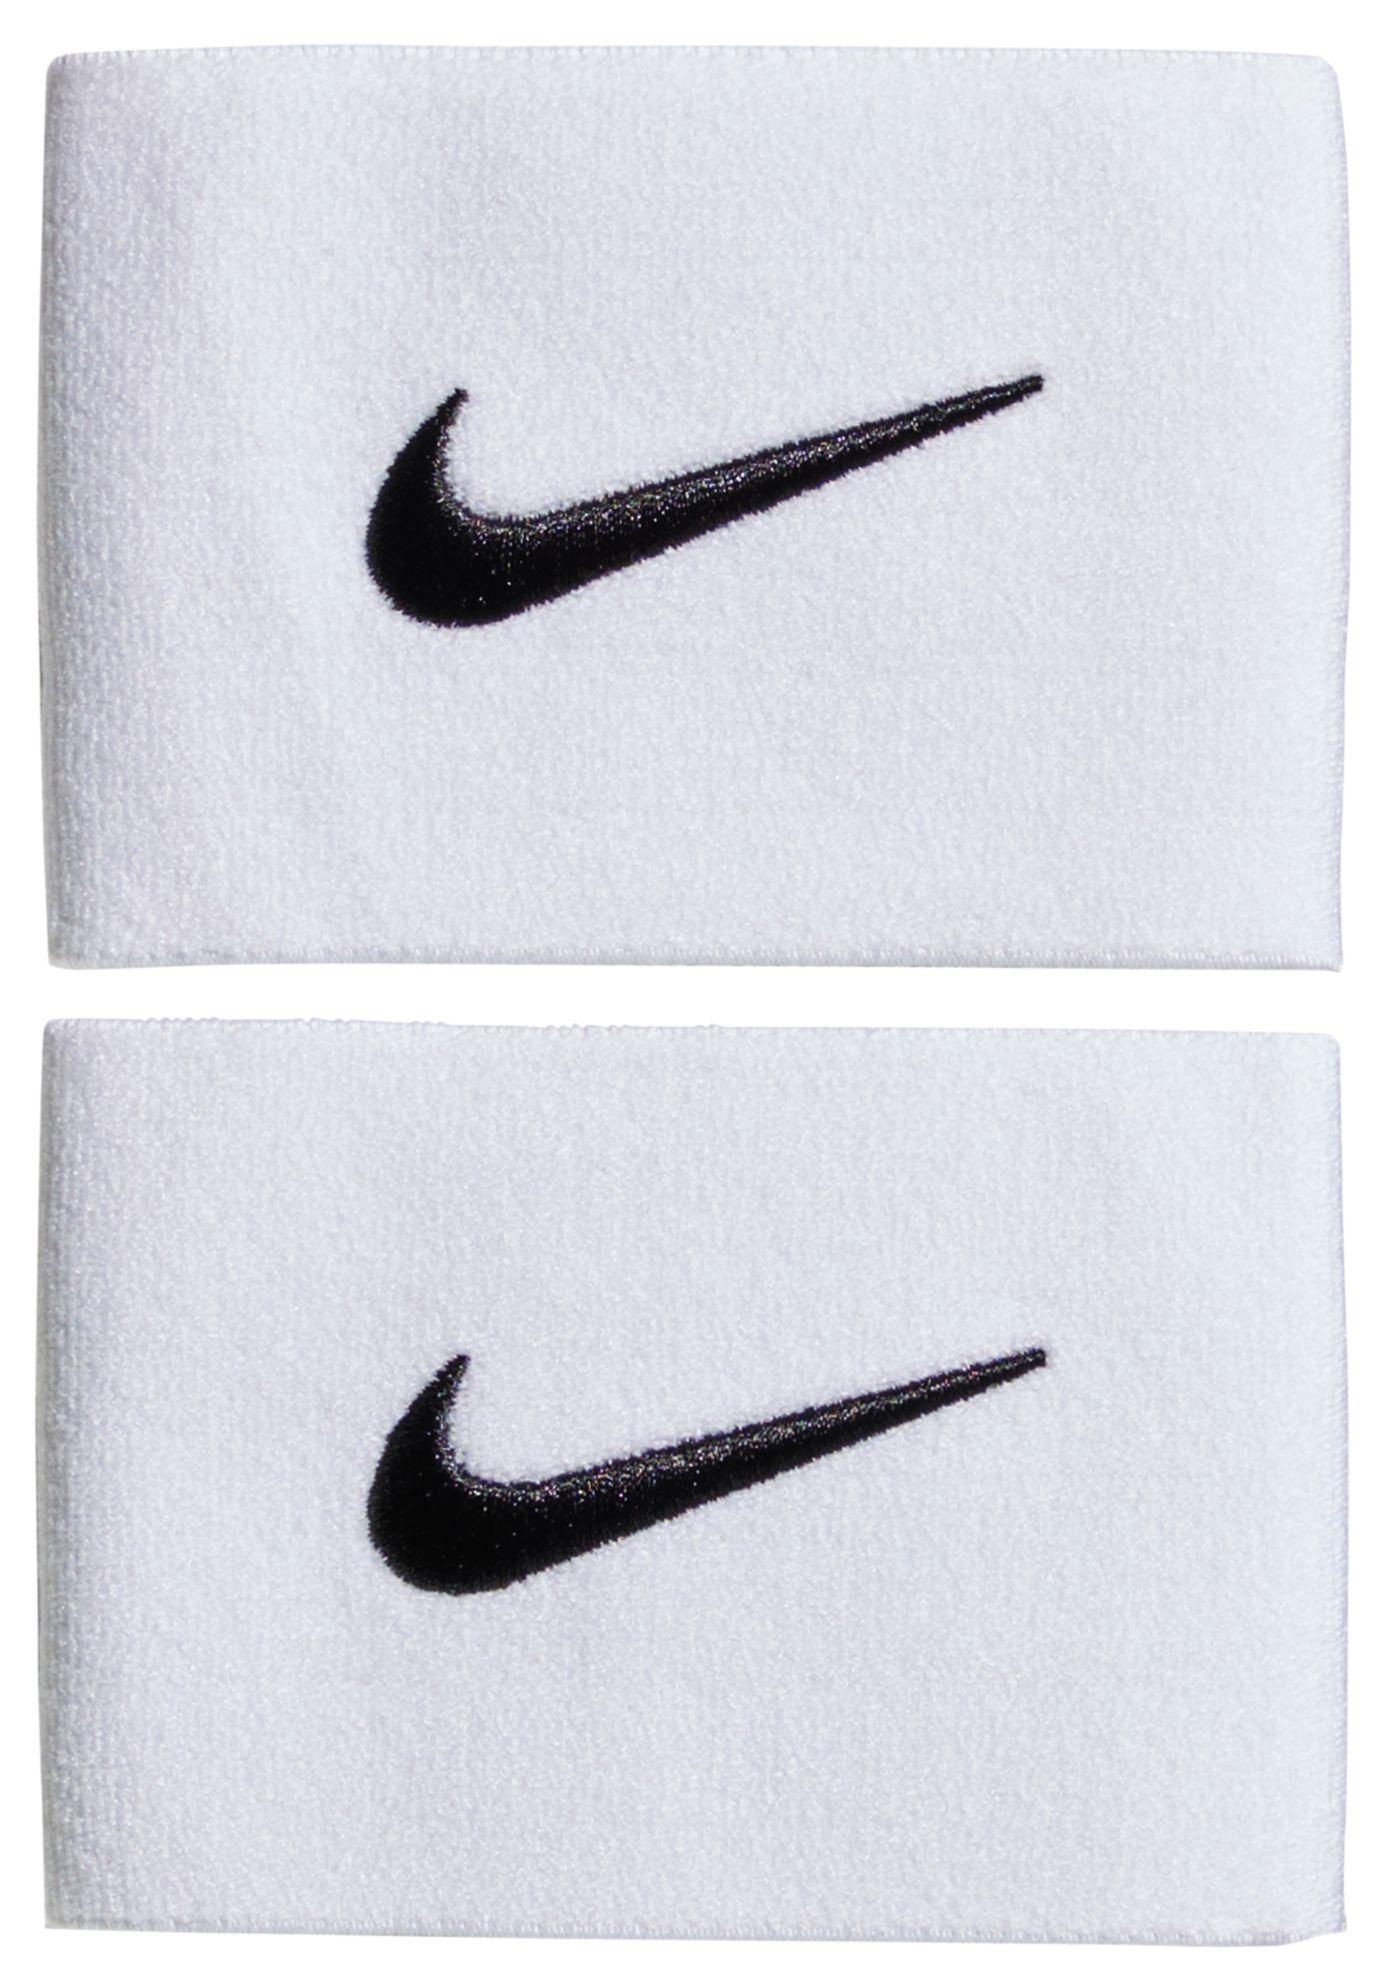 Nike Soccer Shin Guard Stays